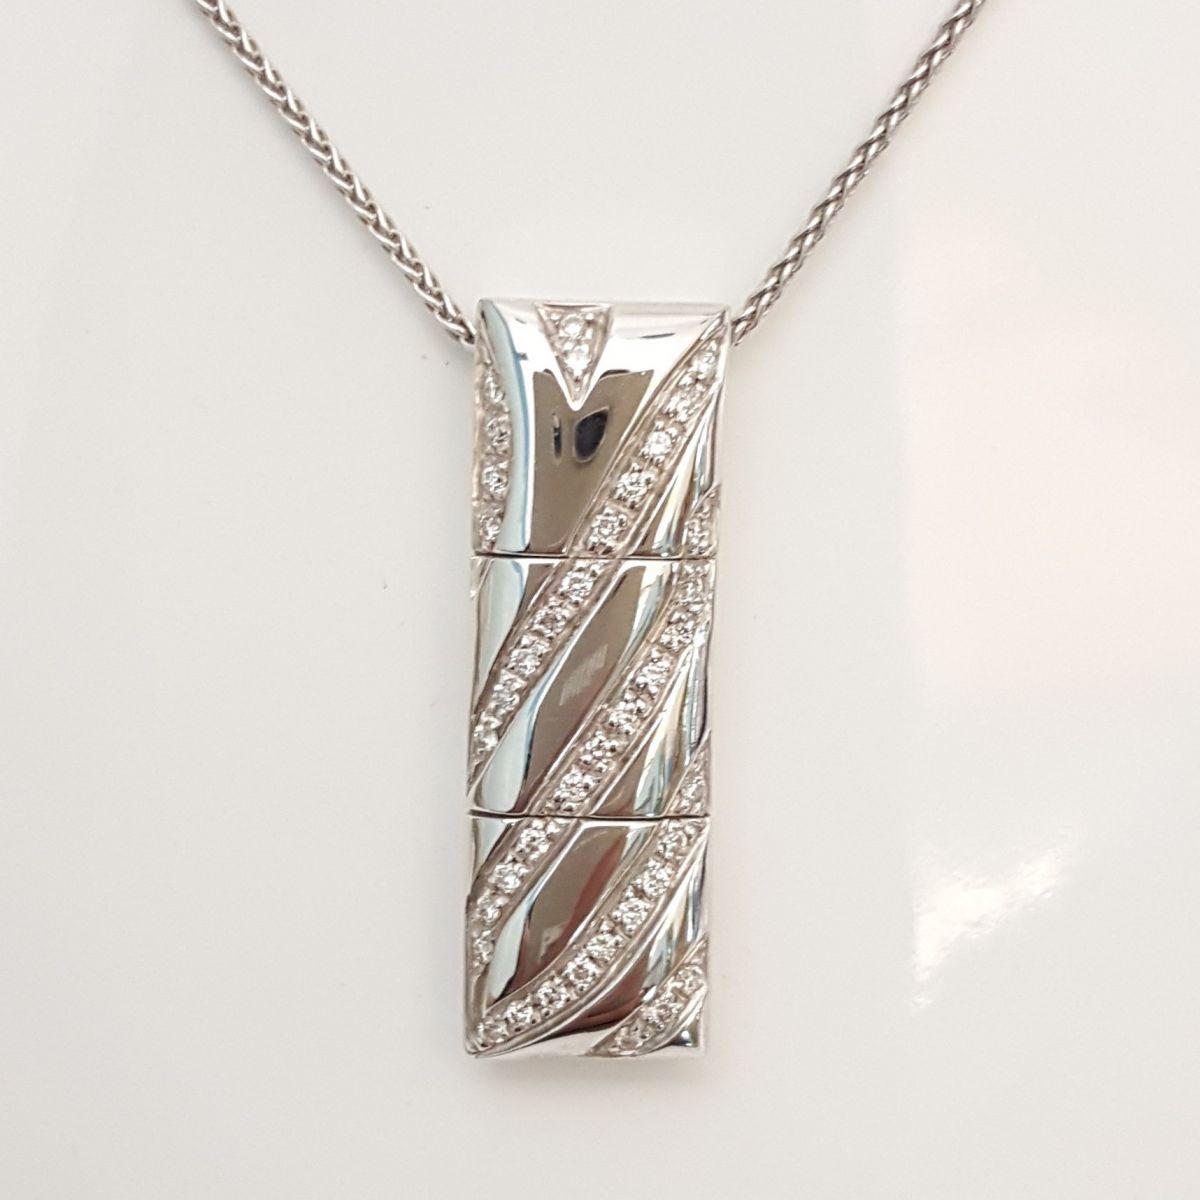 Collana Yukiko KCLD483 in Oro Bianco con Pendente con Diamanti